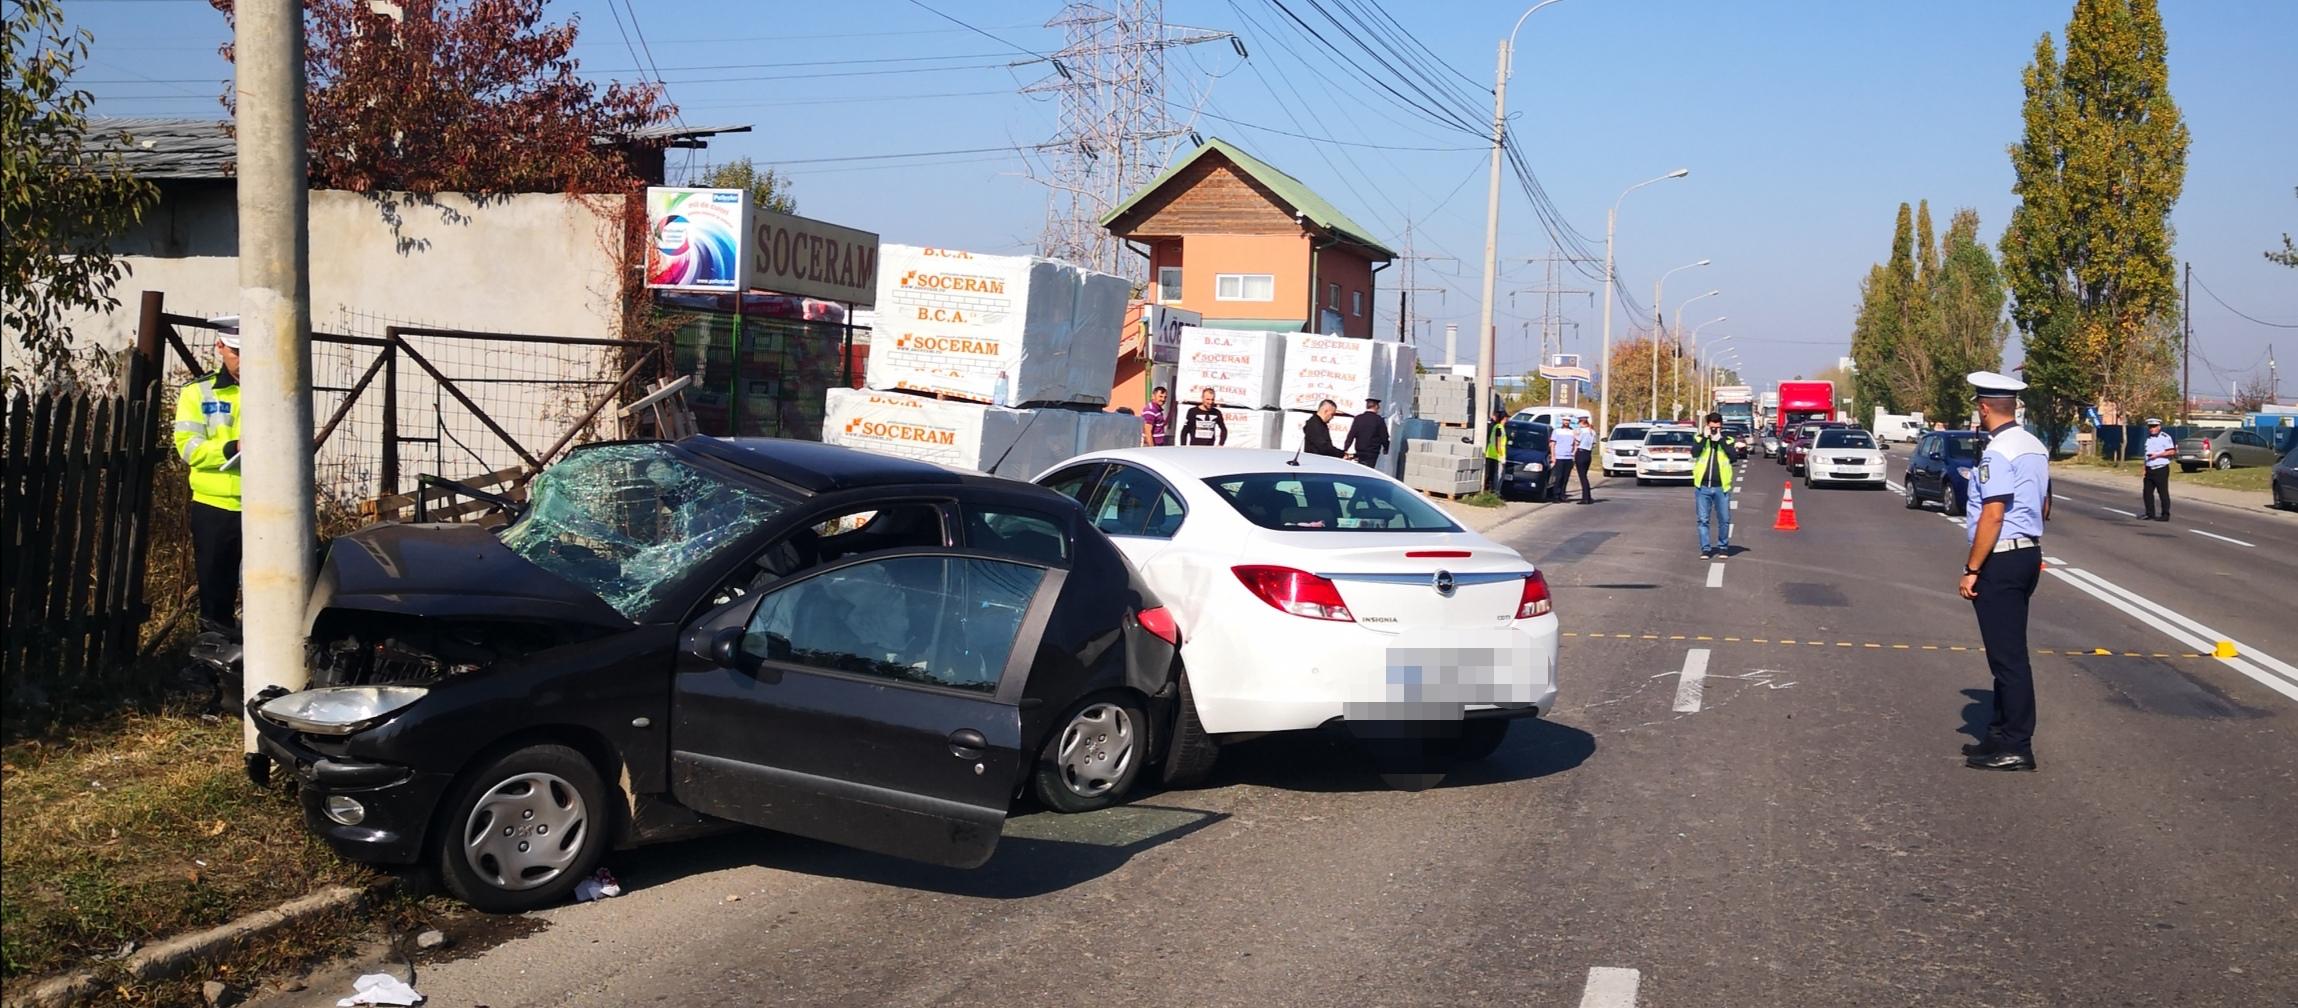 Târgoviște: Minor accidentat într-o coliziune dintre 2 autoturisme